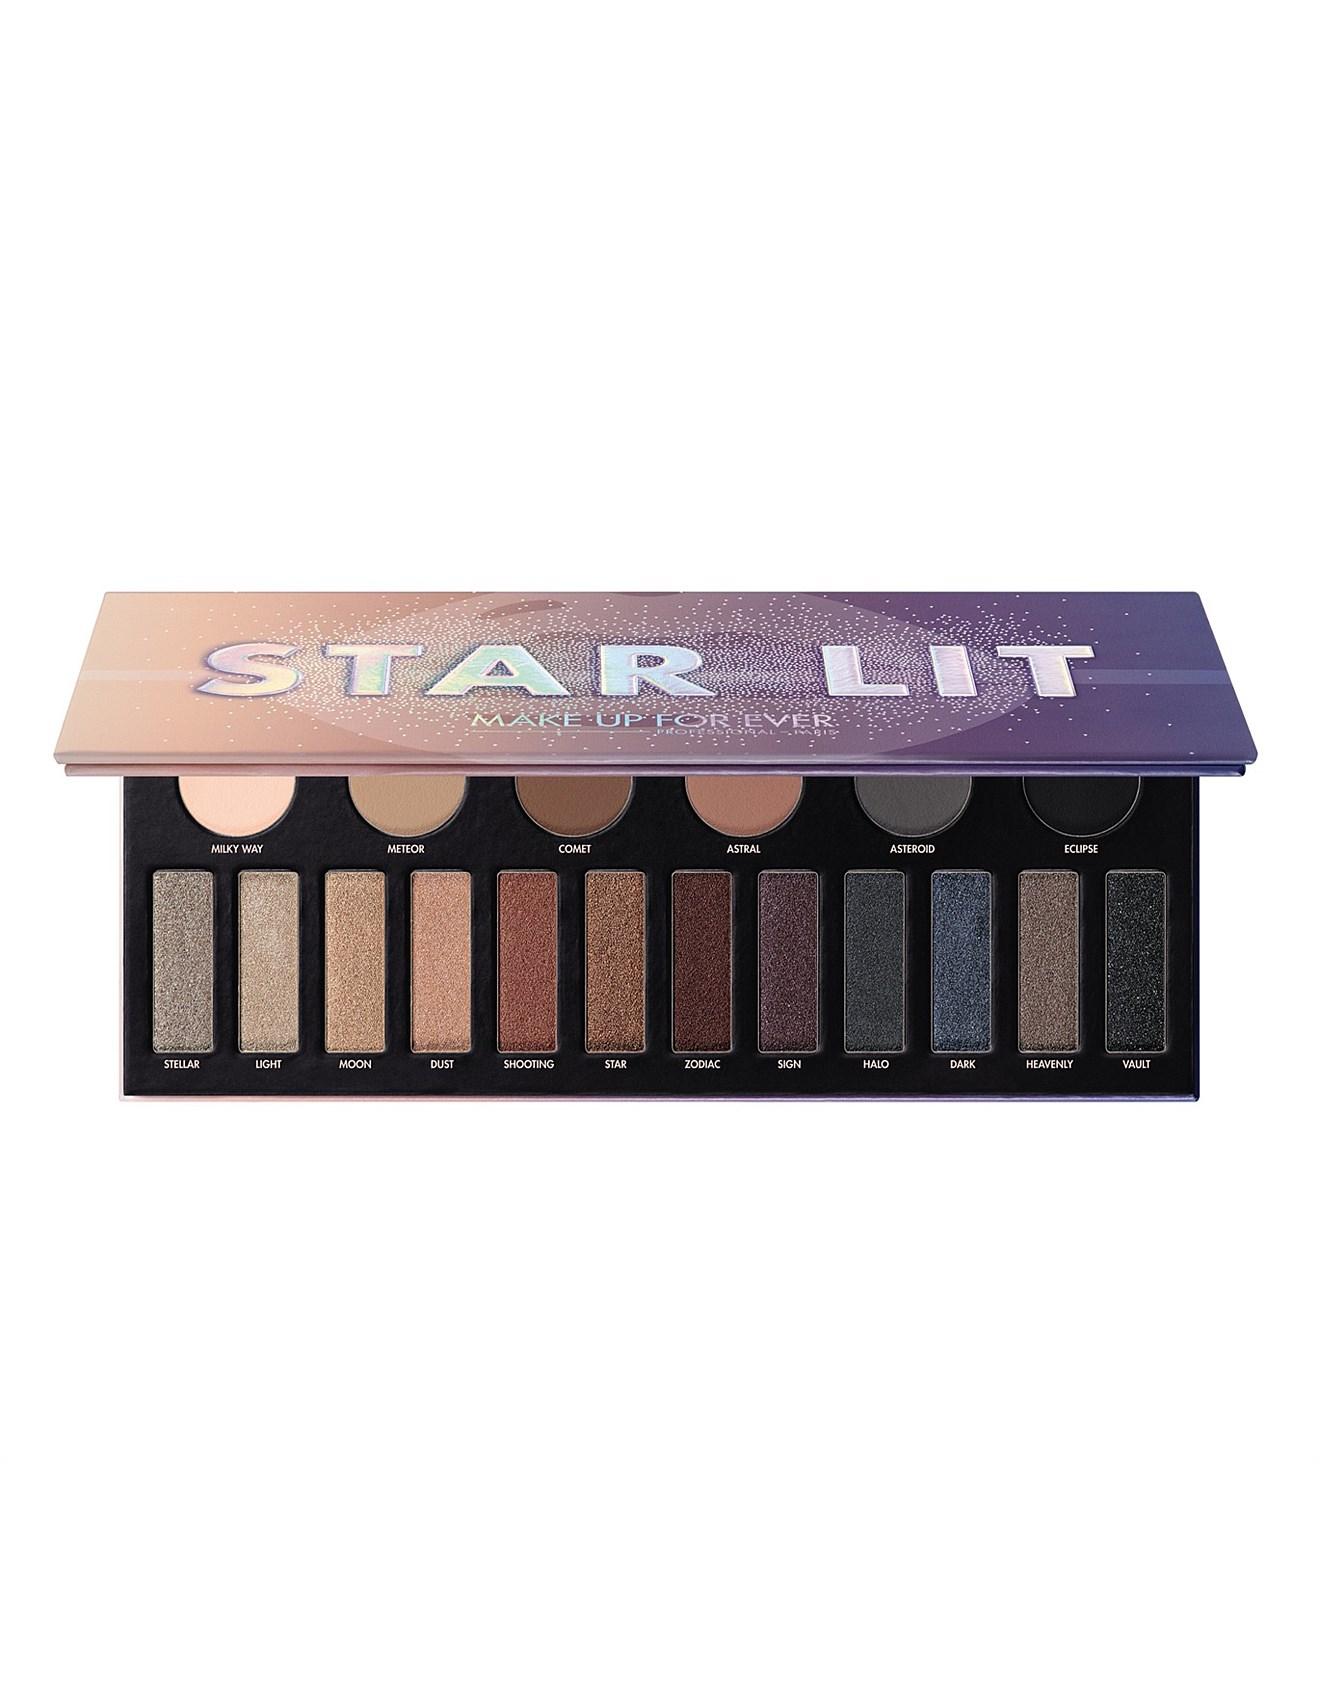 New Makeup Shop Whats New In Makeup Online David Jones Star